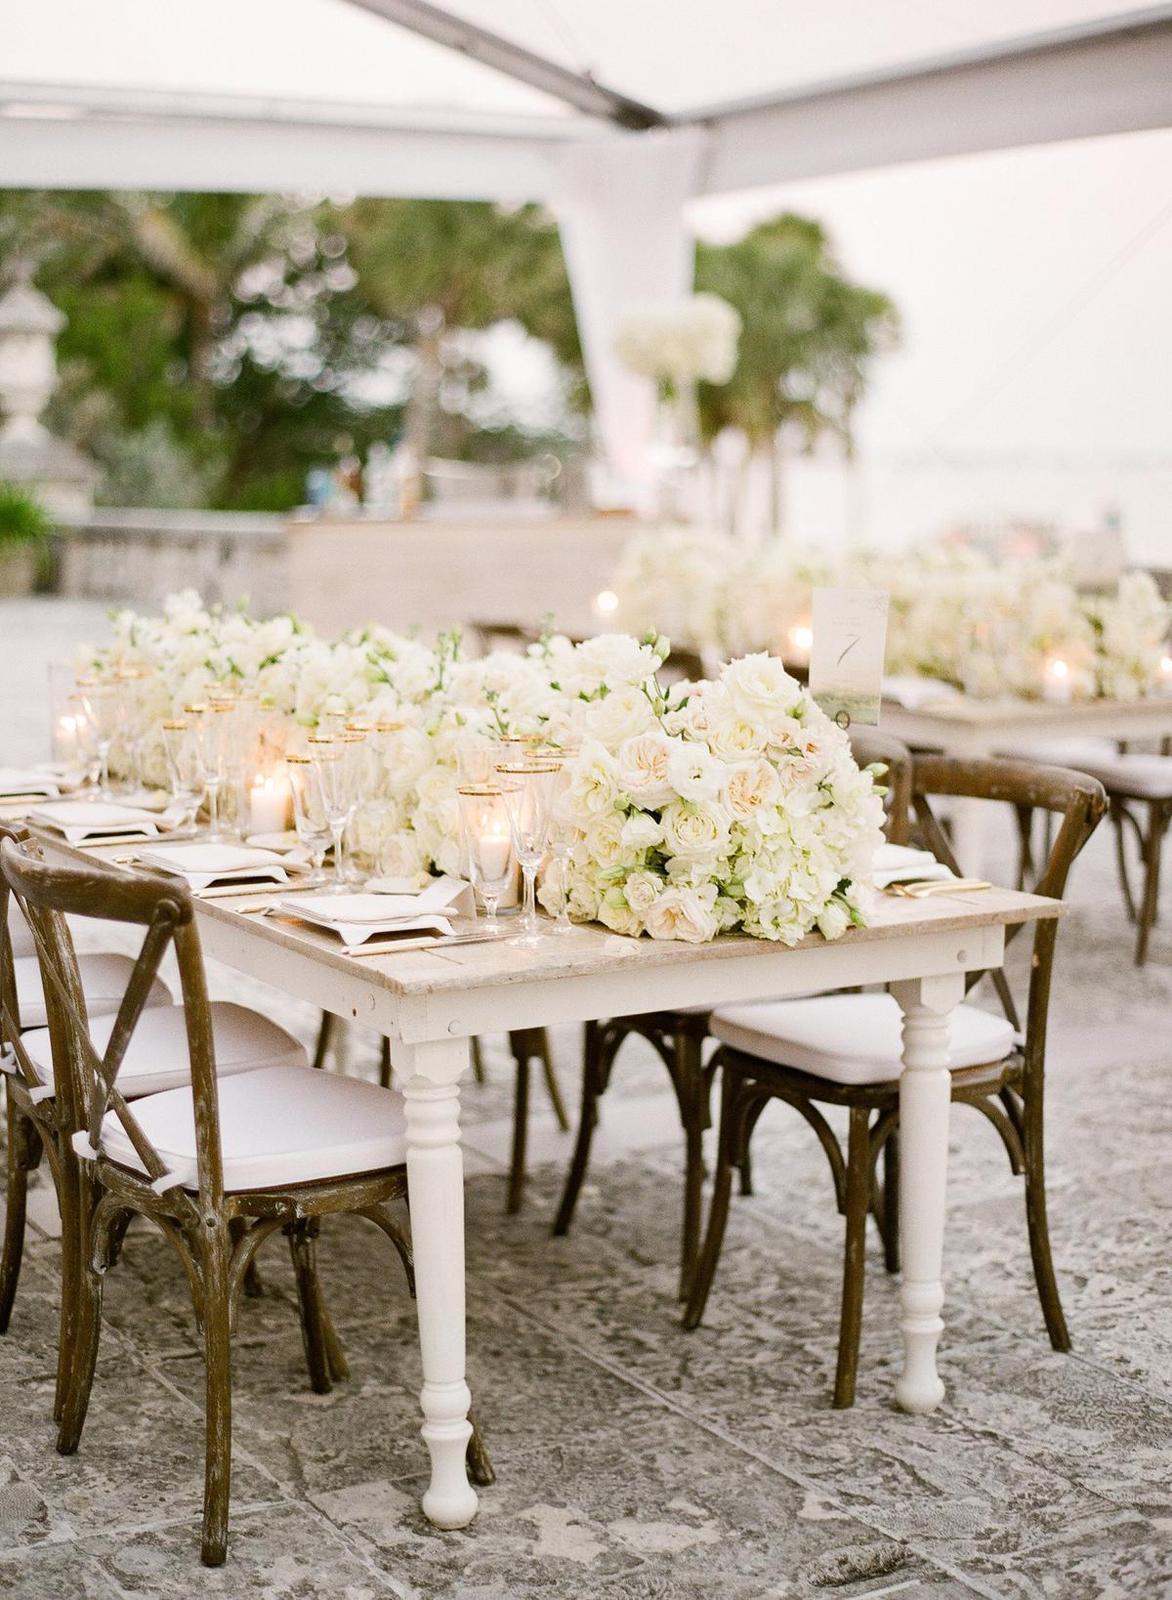 Inšpirácie na svadobné stolovovanie - Obrázok č. 8